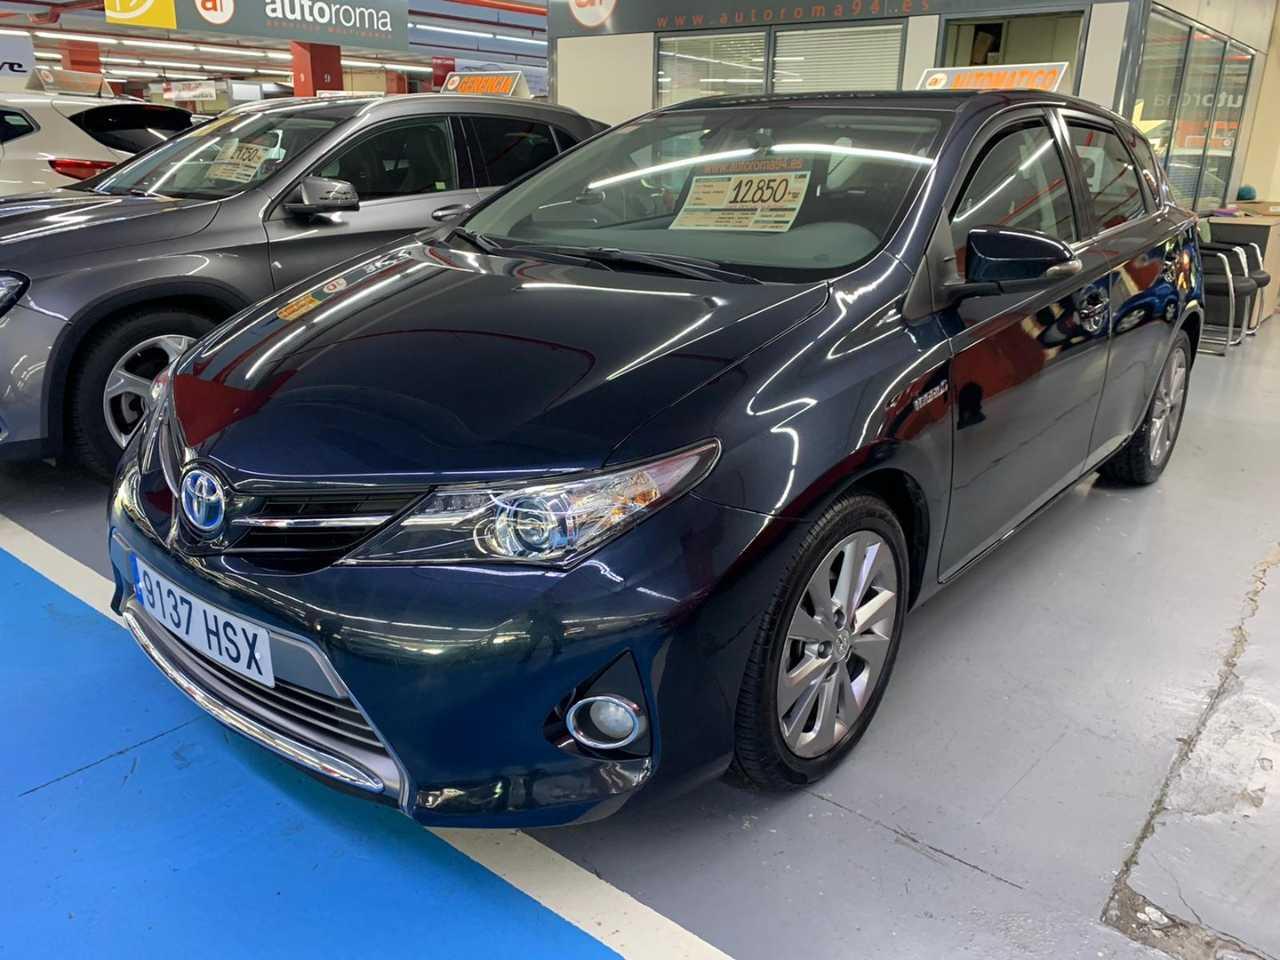 Toyota Auris HÍBRIDO. UN SOLO PROPIETARIO!!!!   - Foto 1